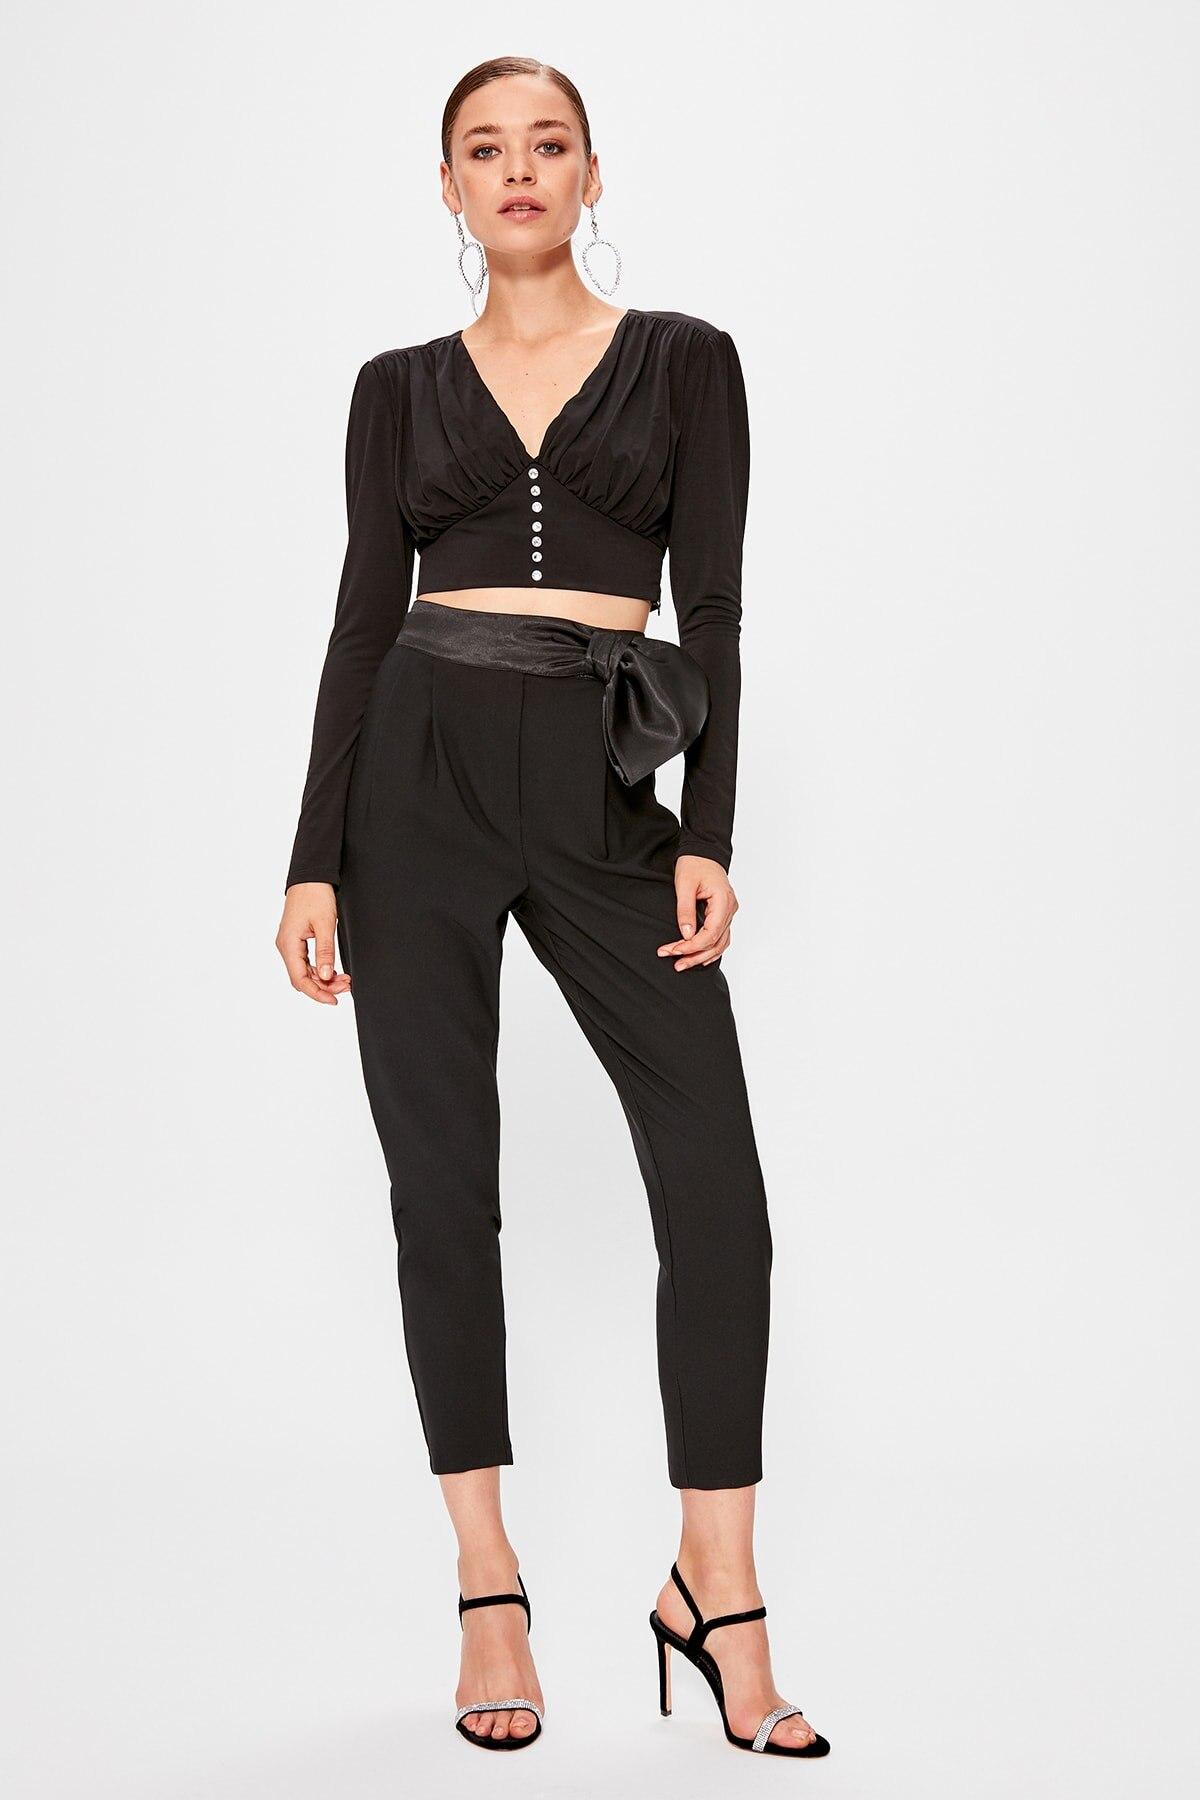 Trendyol Ribbon Detail Pants TPRAW20PL0157